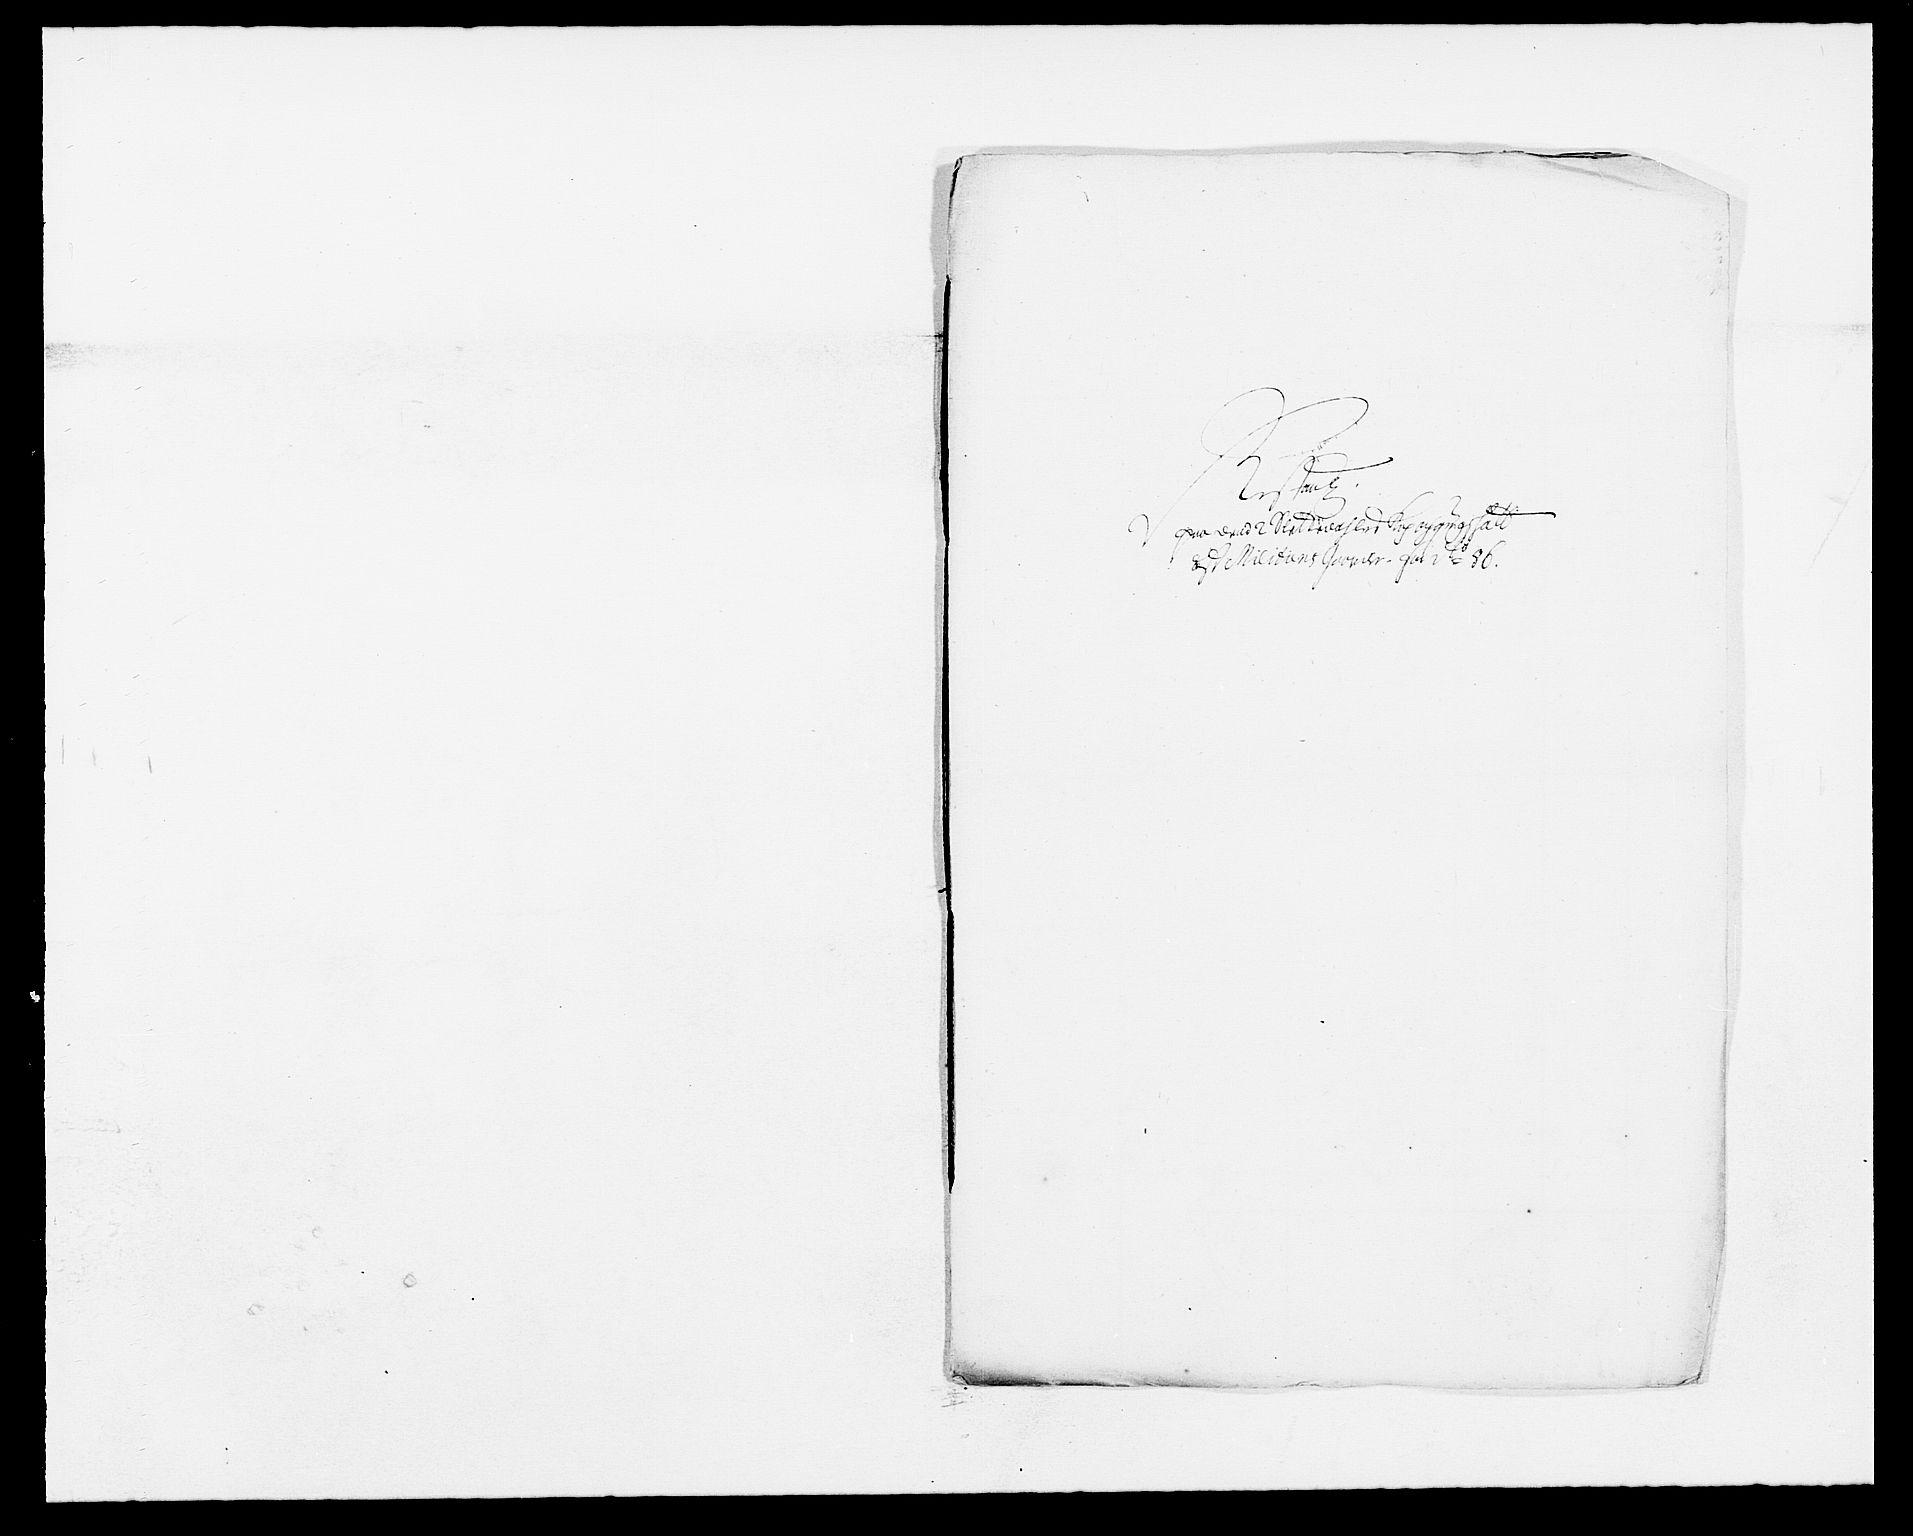 RA, Rentekammeret inntil 1814, Reviderte regnskaper, Fogderegnskap, R11/L0572: Fogderegnskap Nedre Romerike, 1686-1687, s. 429